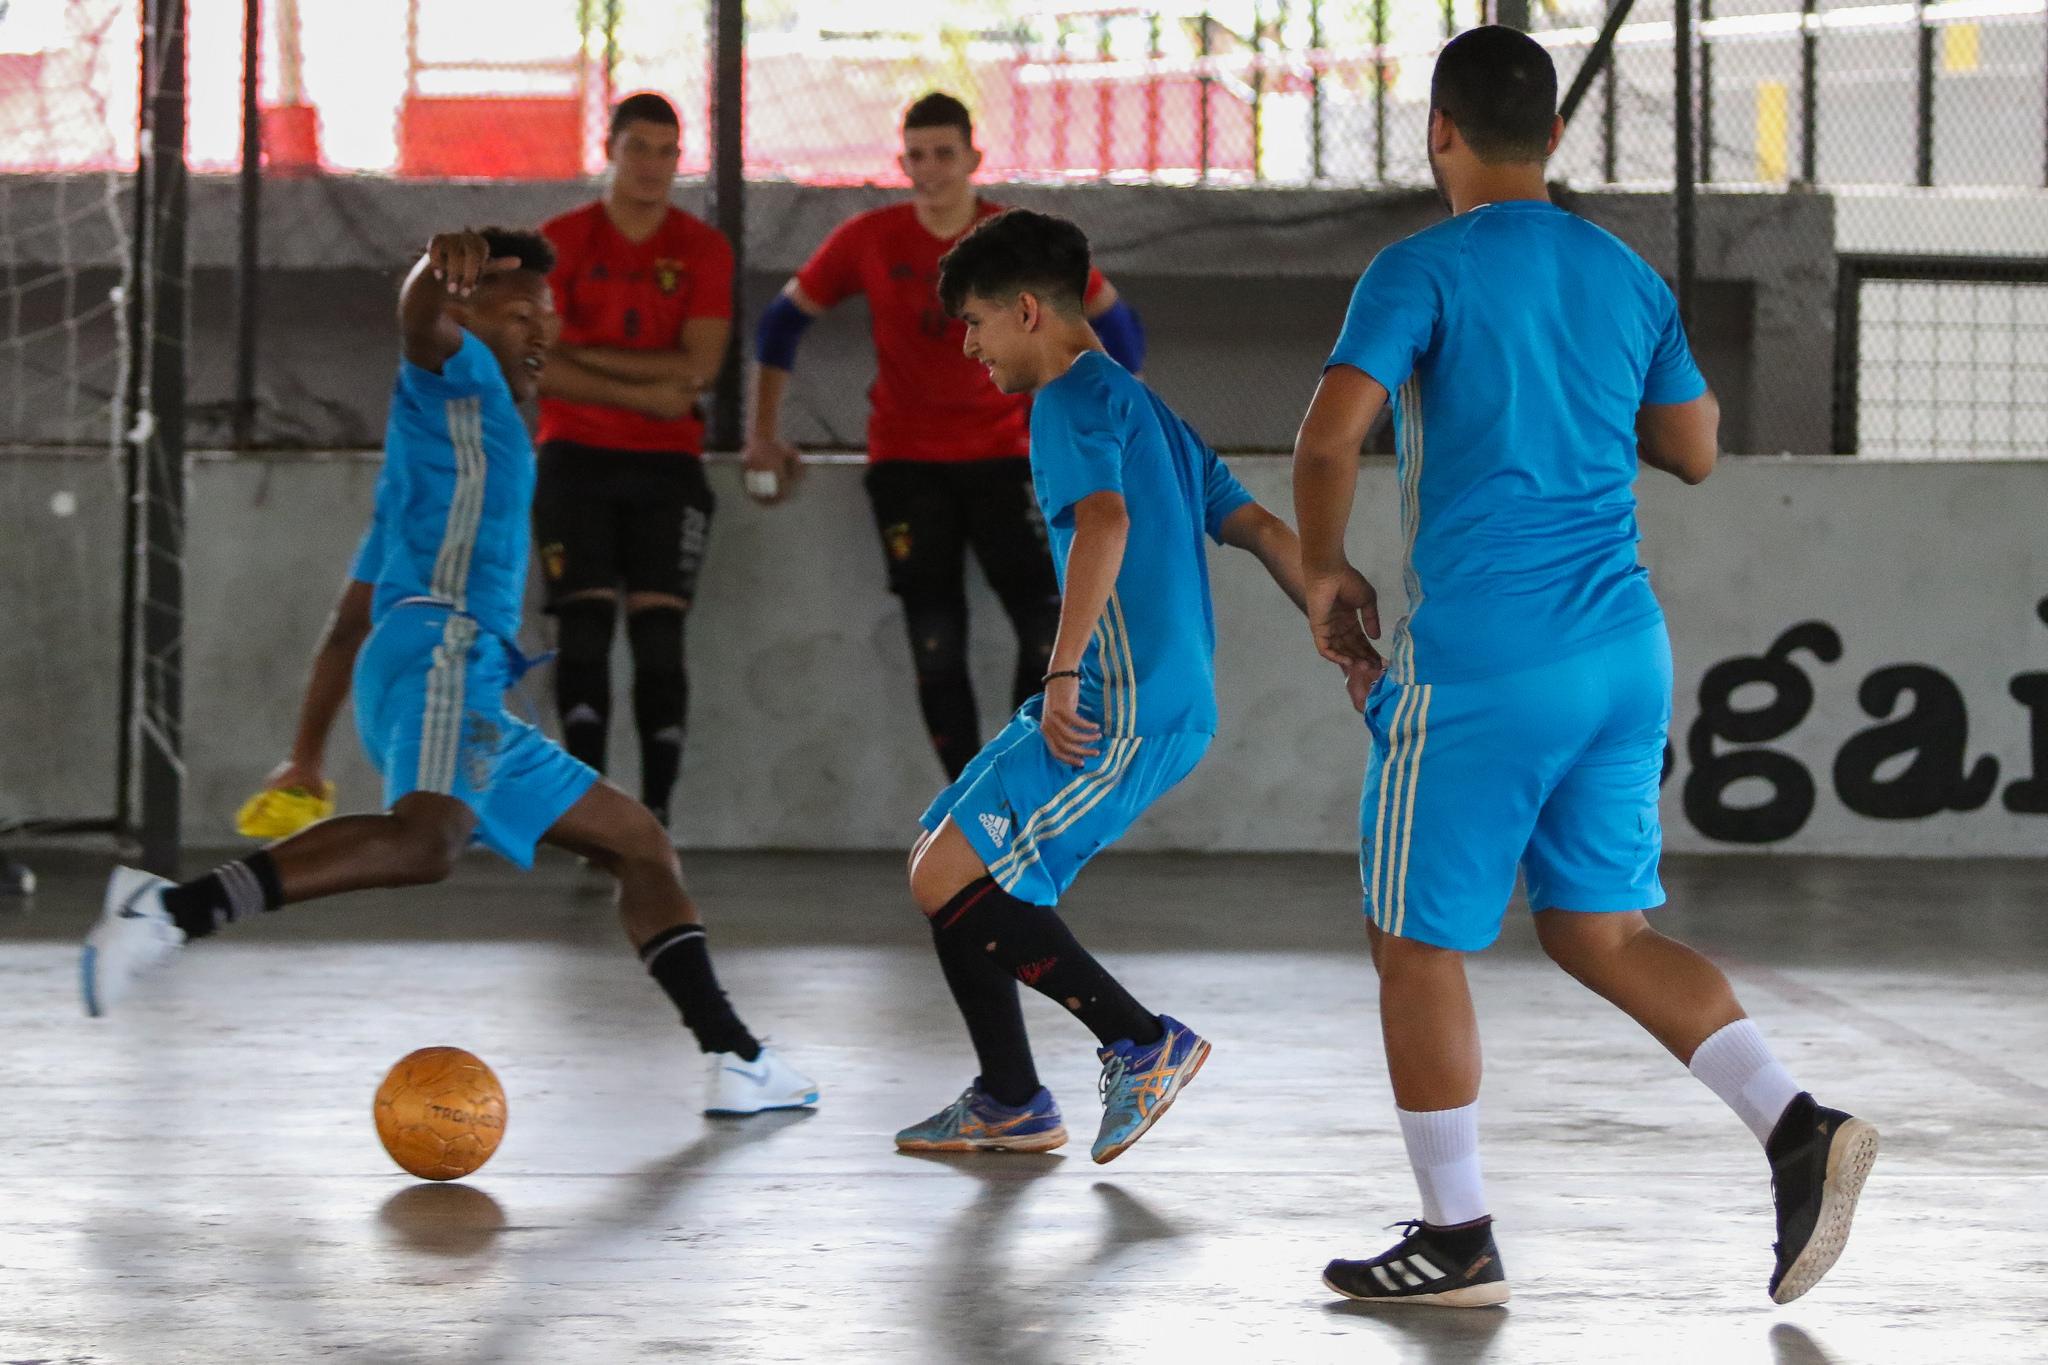 ... Sport conquistou o título ao derrotar o Corinthians na final. (Foto   Anderson Freire Sport Club do Recife) 28c2efe13d2f8